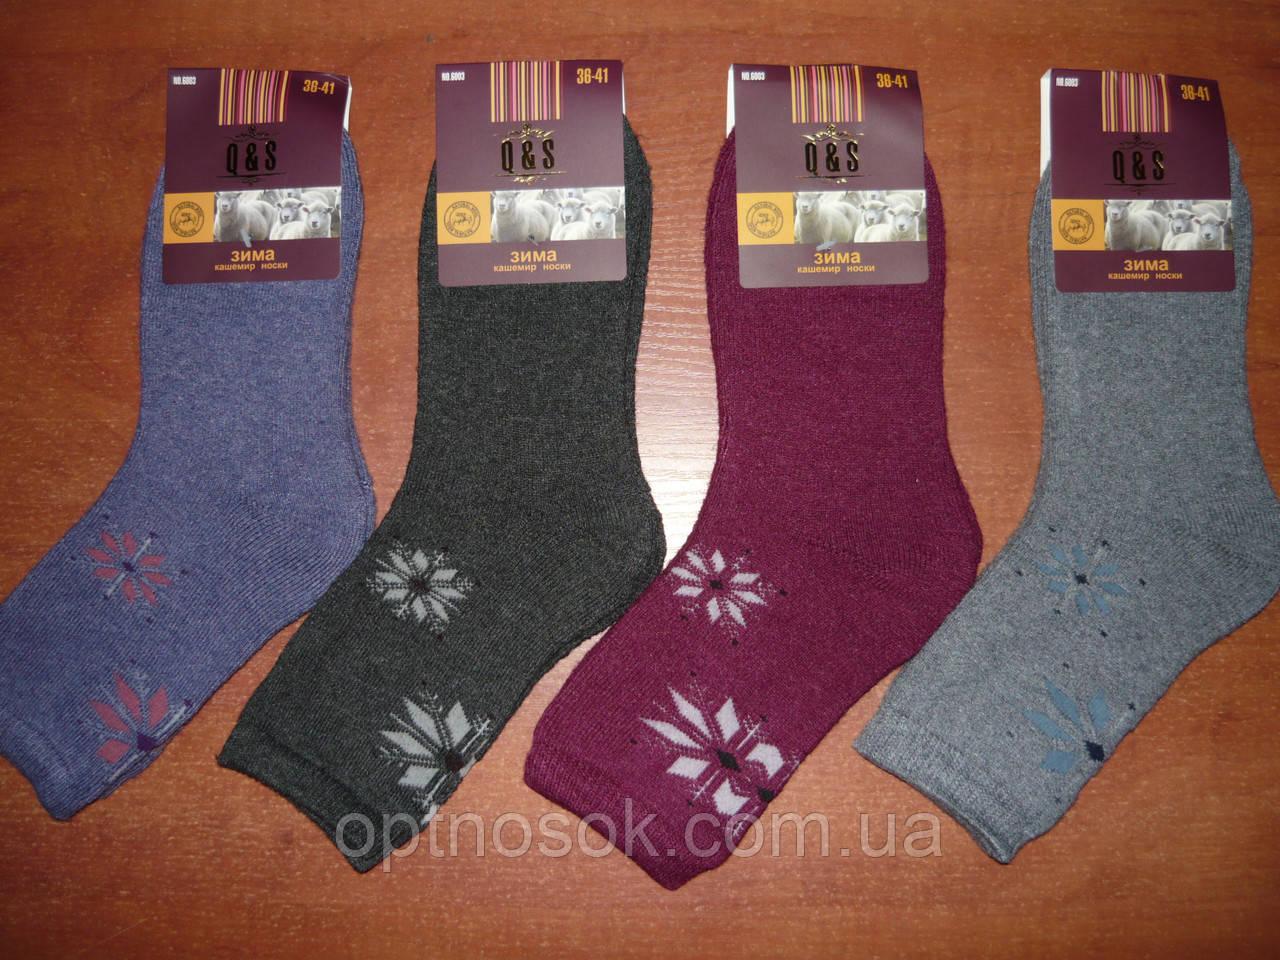 """Кашемір. Шкарпетки махрові жіночі """"Q&S"""". р. 36-41. Асорті"""